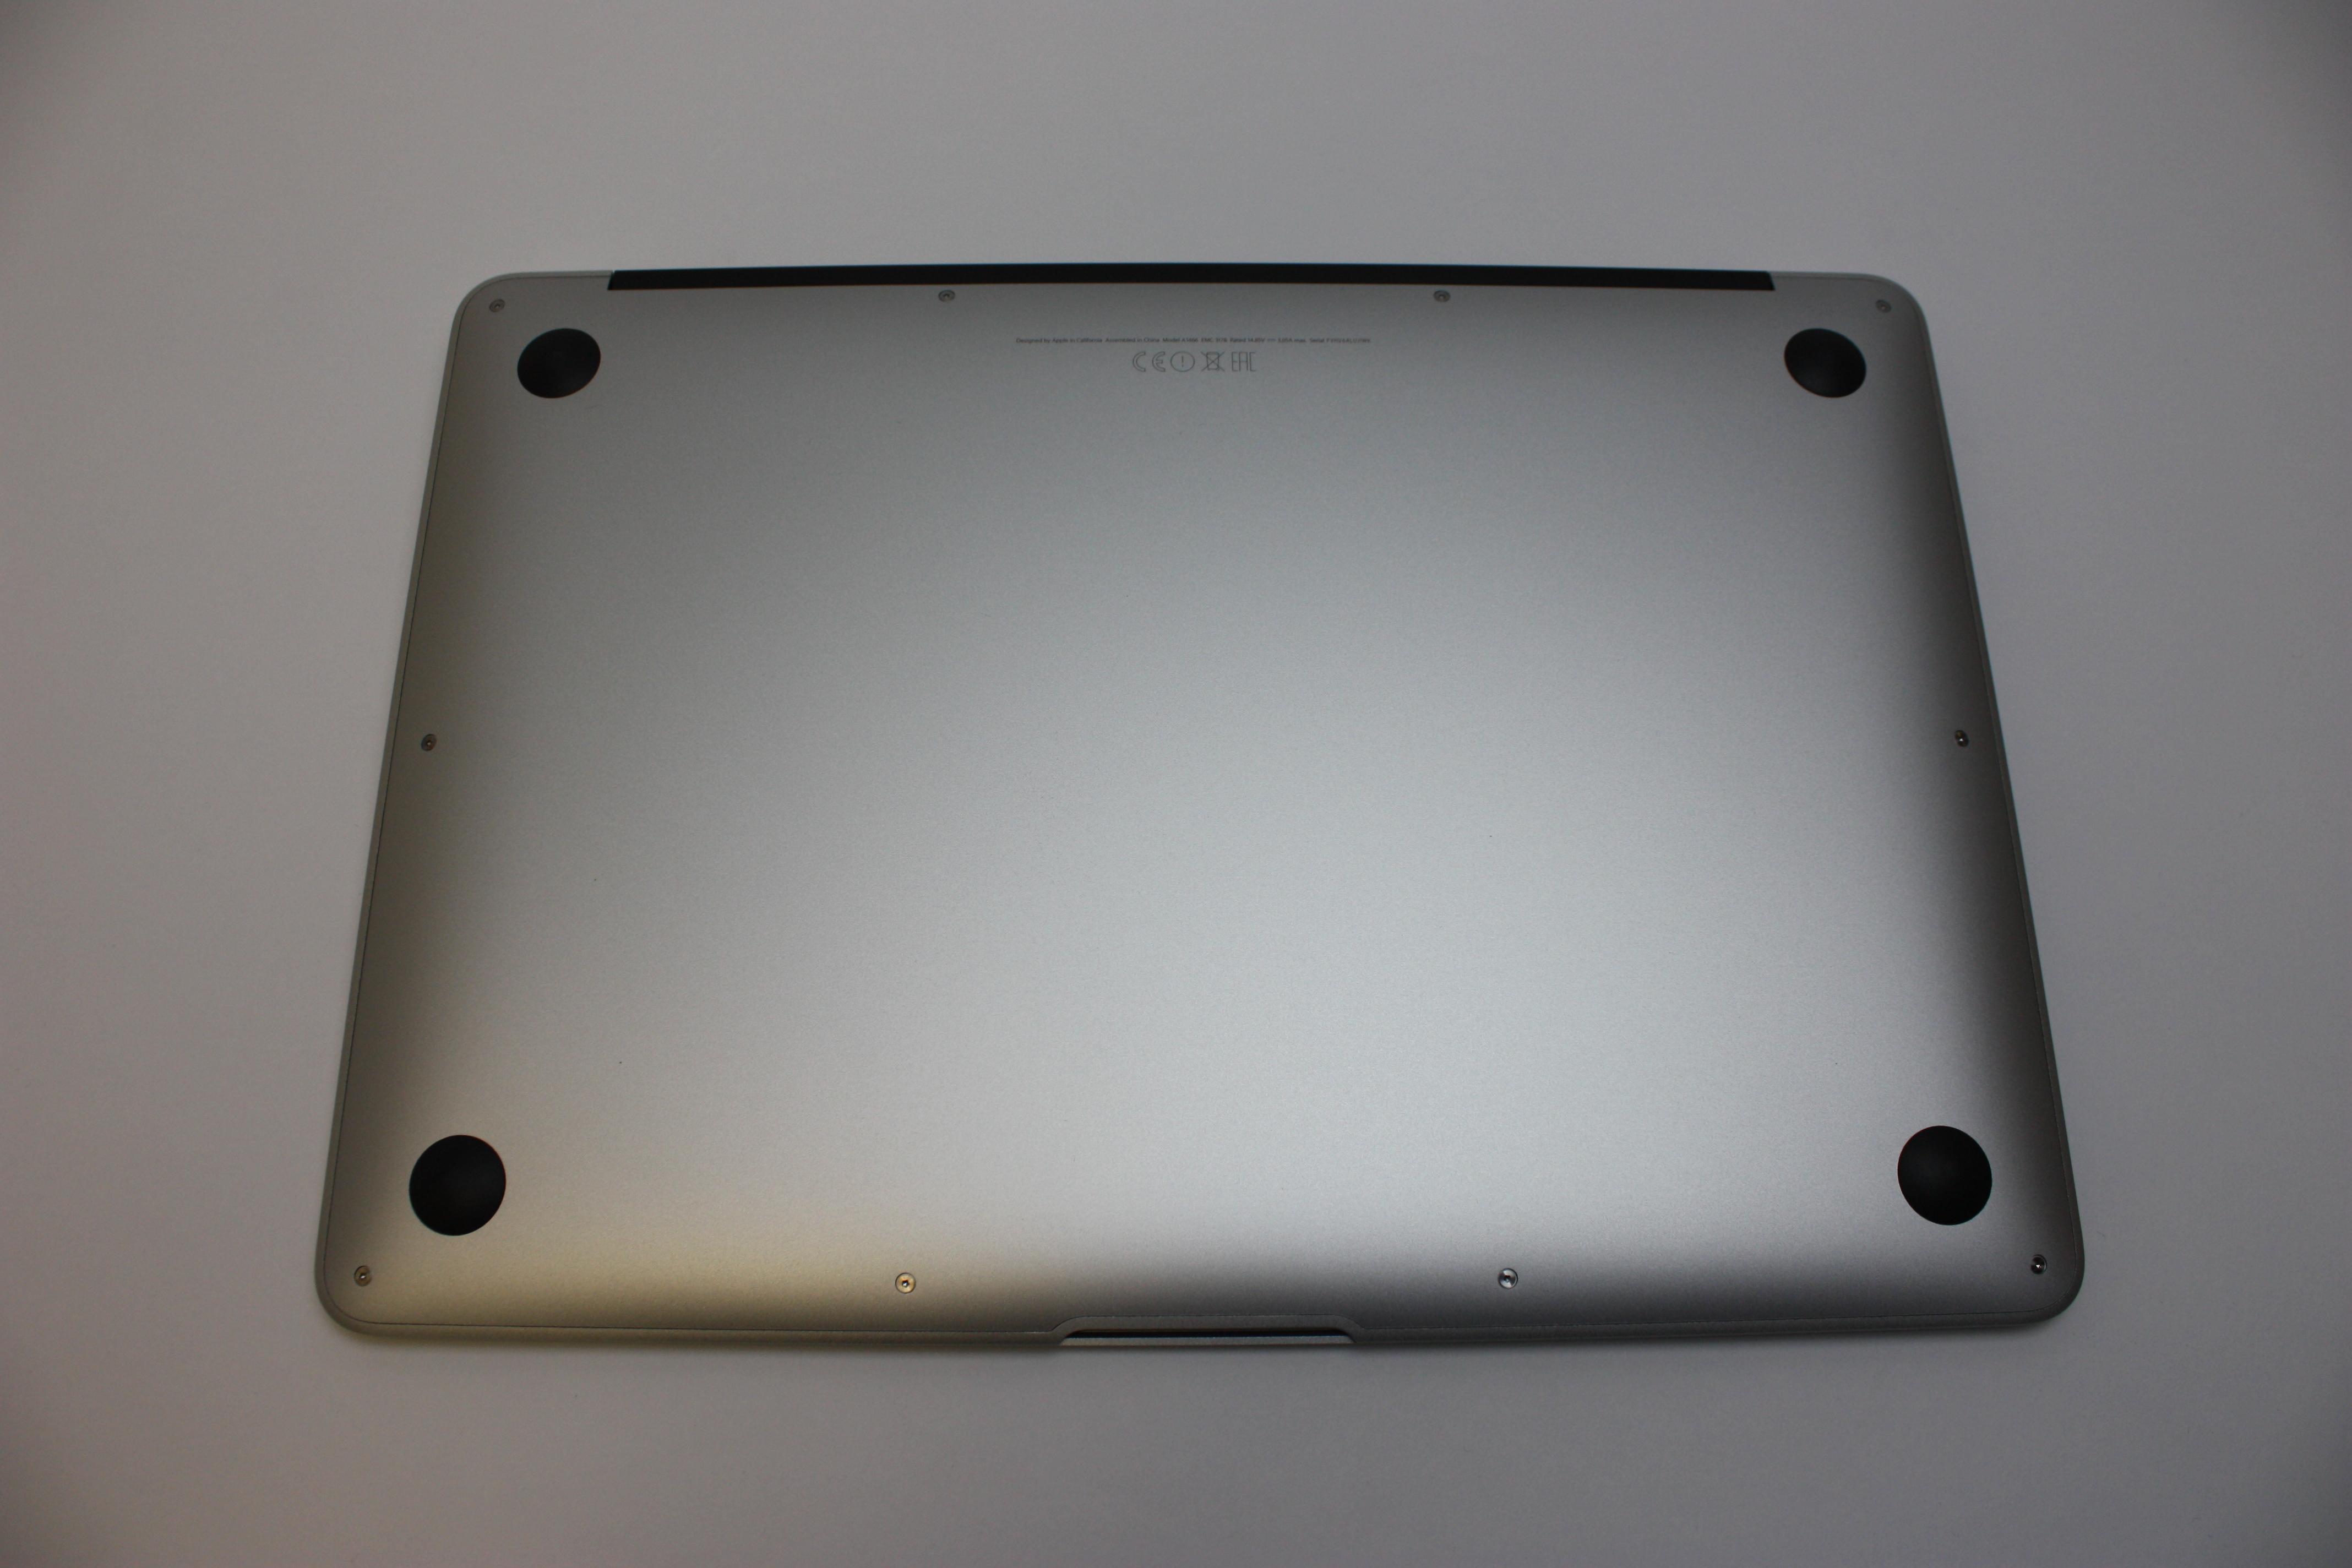 MacBook Air 13-inch, 1.8 GHz Core i5 (I5-5350U), 8 GB 1600 MHz DDR3, 128 GB Flash Storage, image 8